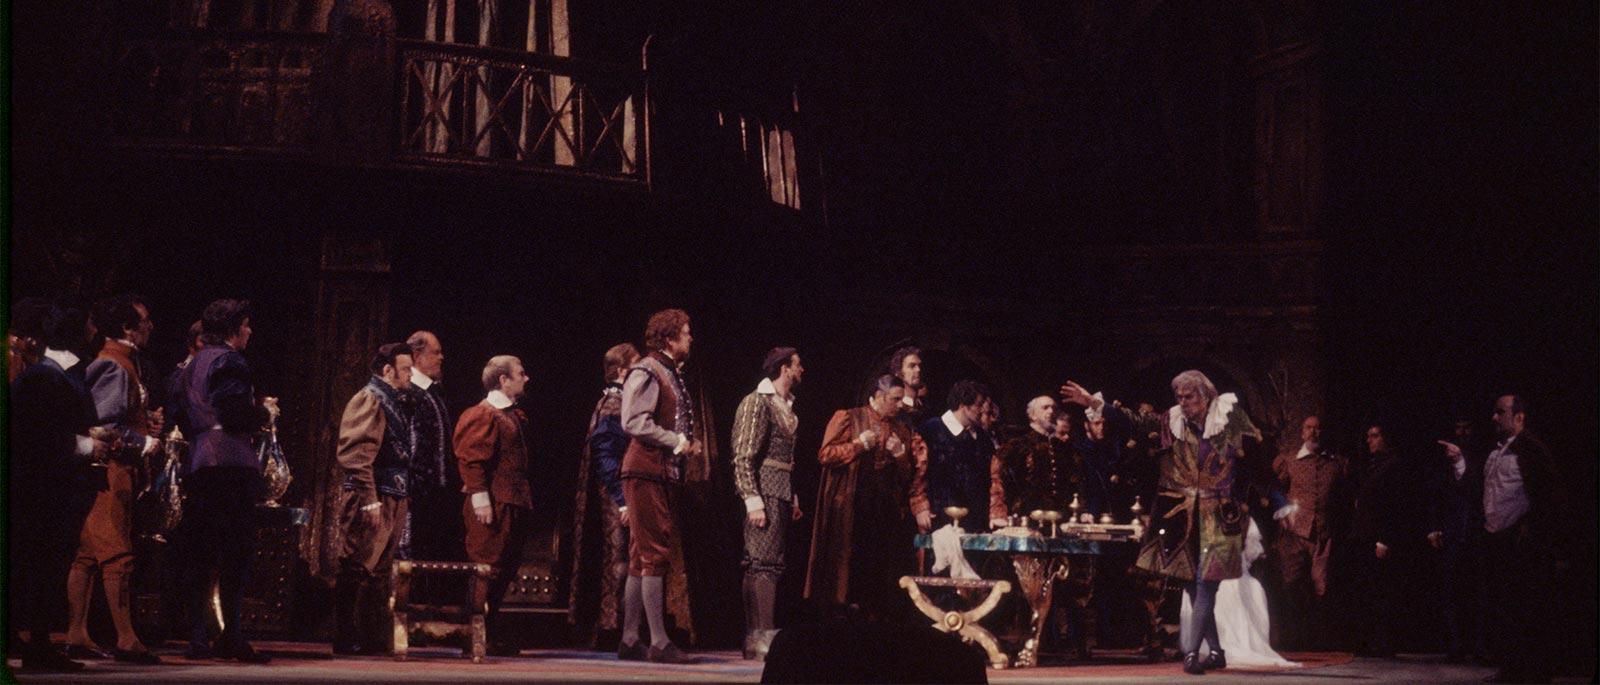 Rigoletto 1600x685.jpg